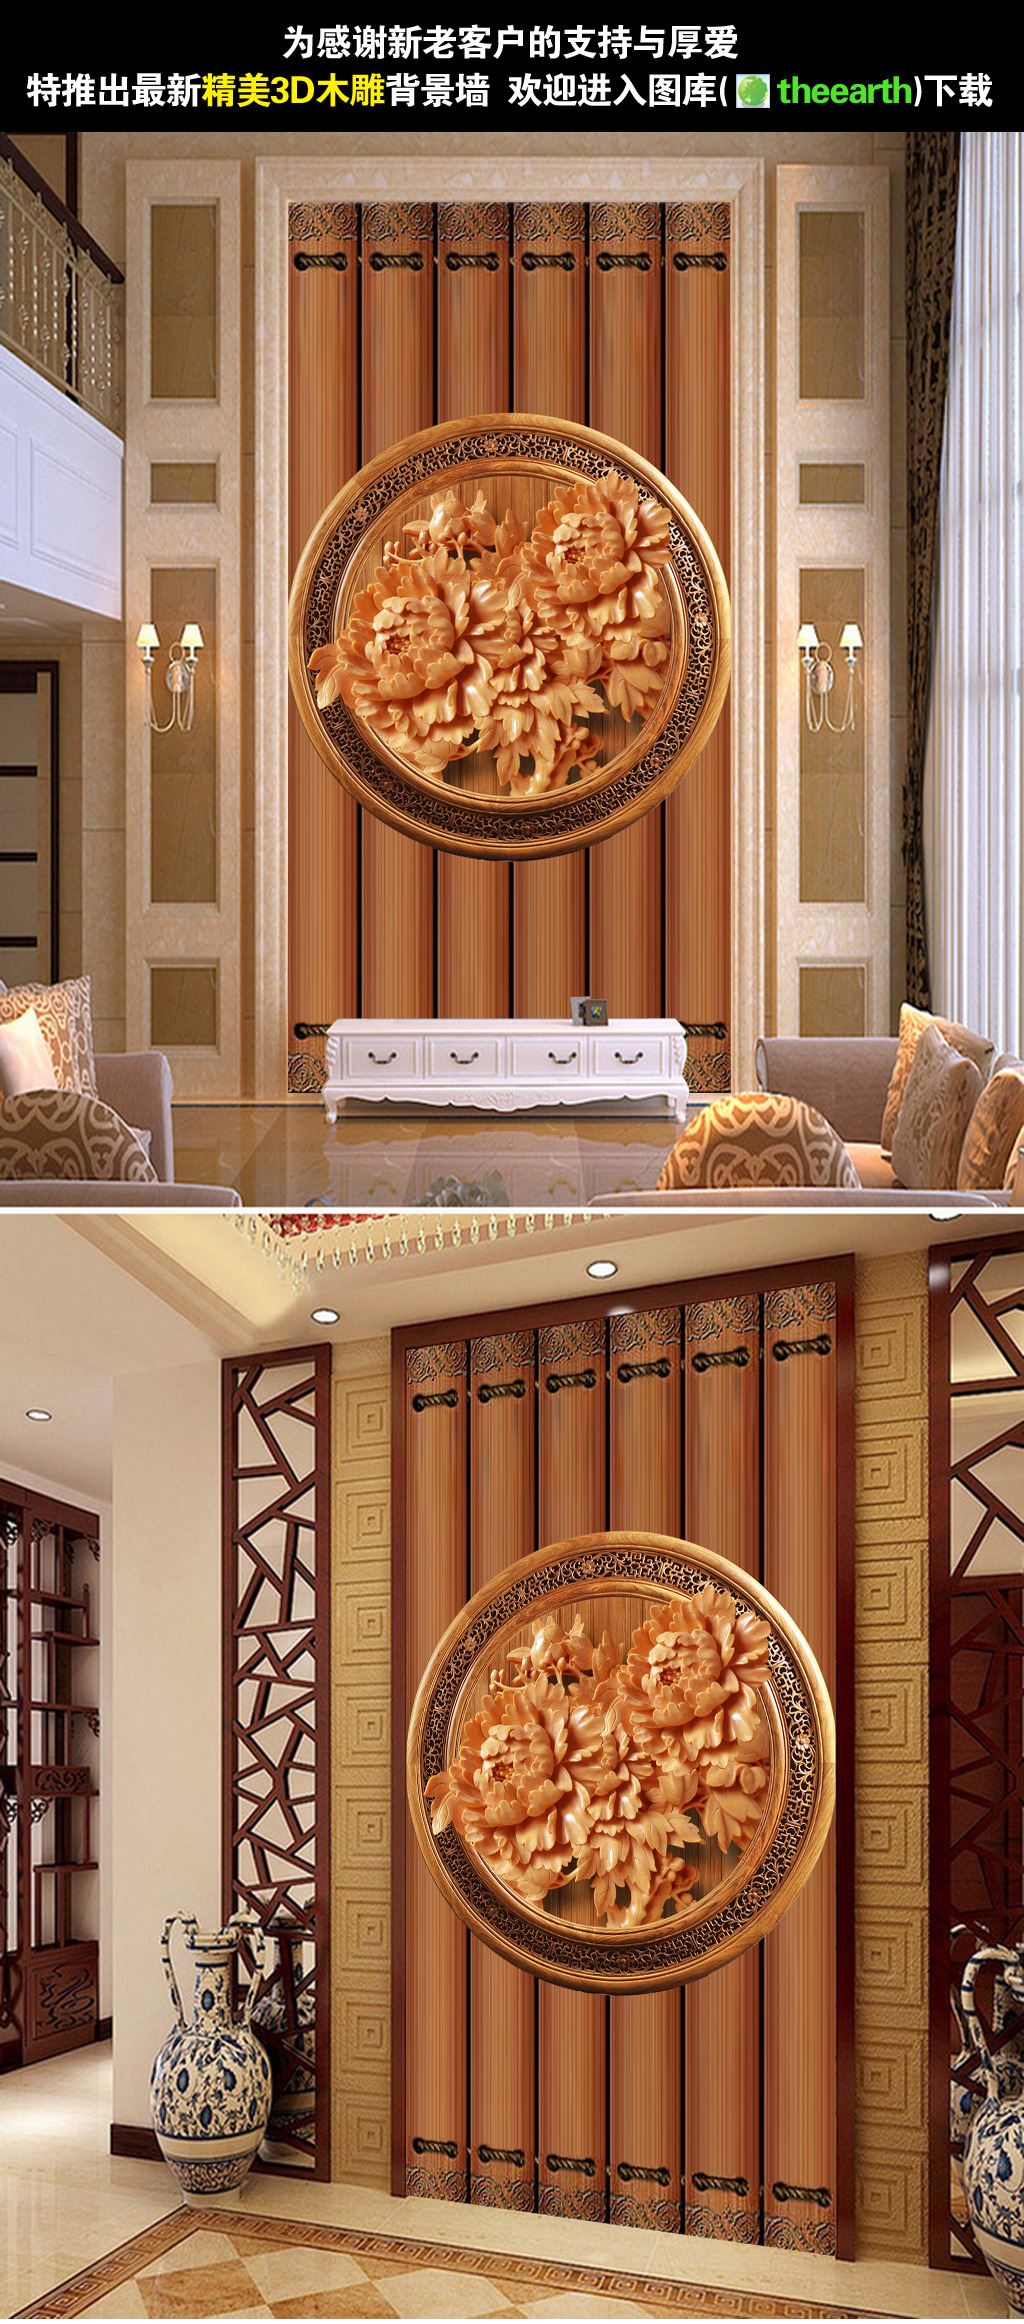 高档木雕立体牡丹福到玄关背景墙装饰画